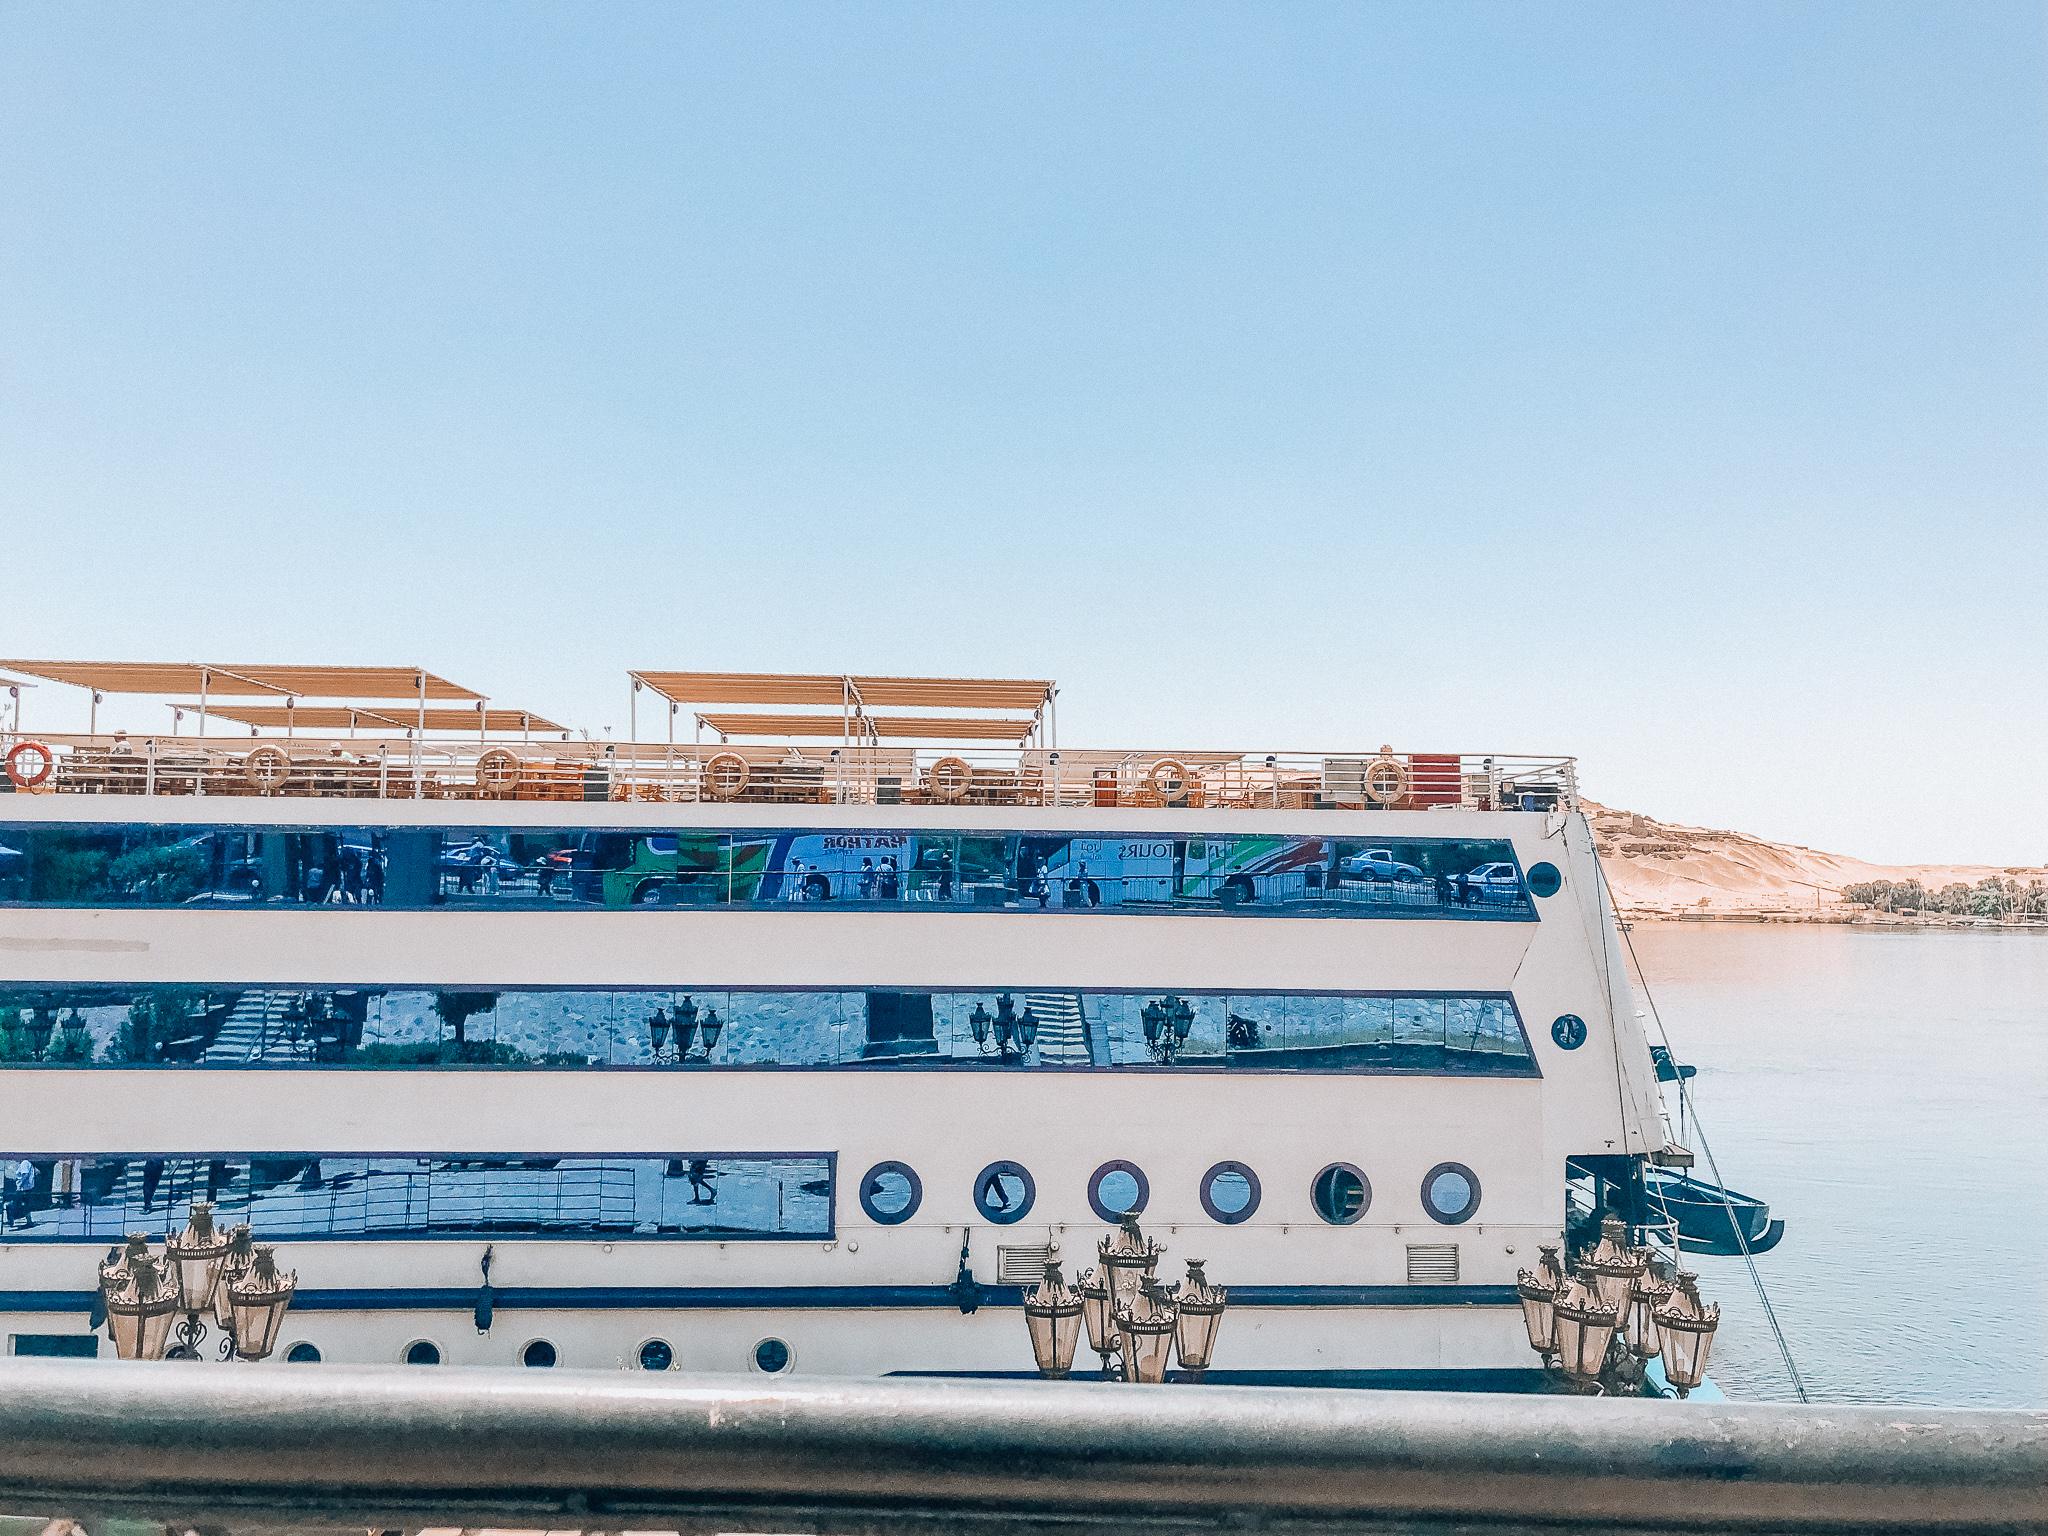 エジプトをゆっくりクルーズ旅行!ナイル川クルーズの旅行記をお届け!